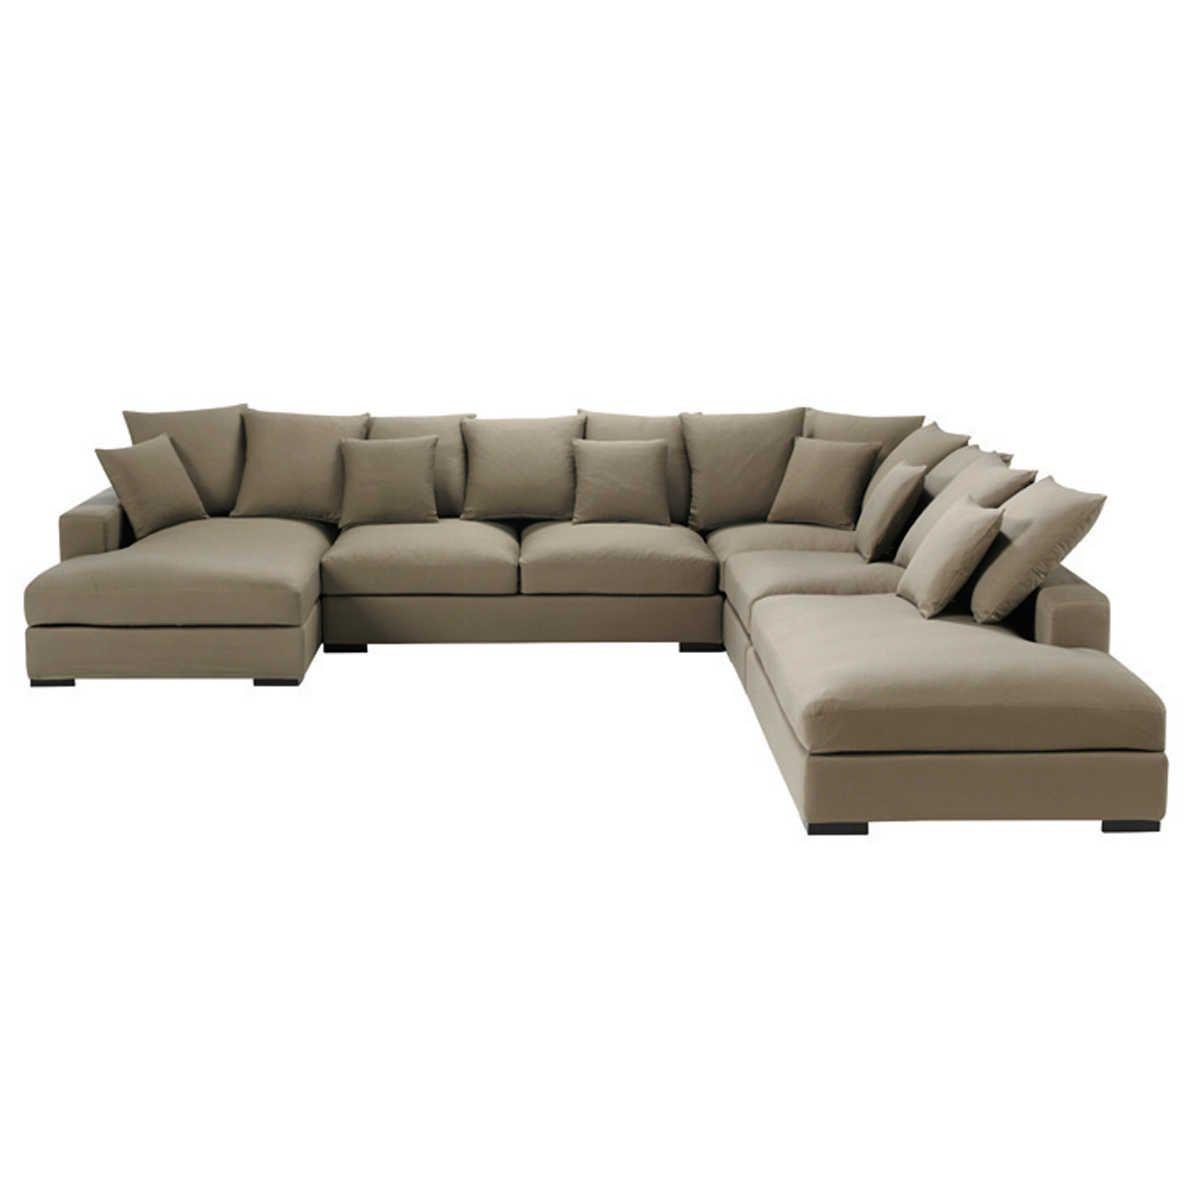 canap d 39 angle modulable 7 places en coton ivoire canap loft pinterest taupe angles et. Black Bedroom Furniture Sets. Home Design Ideas